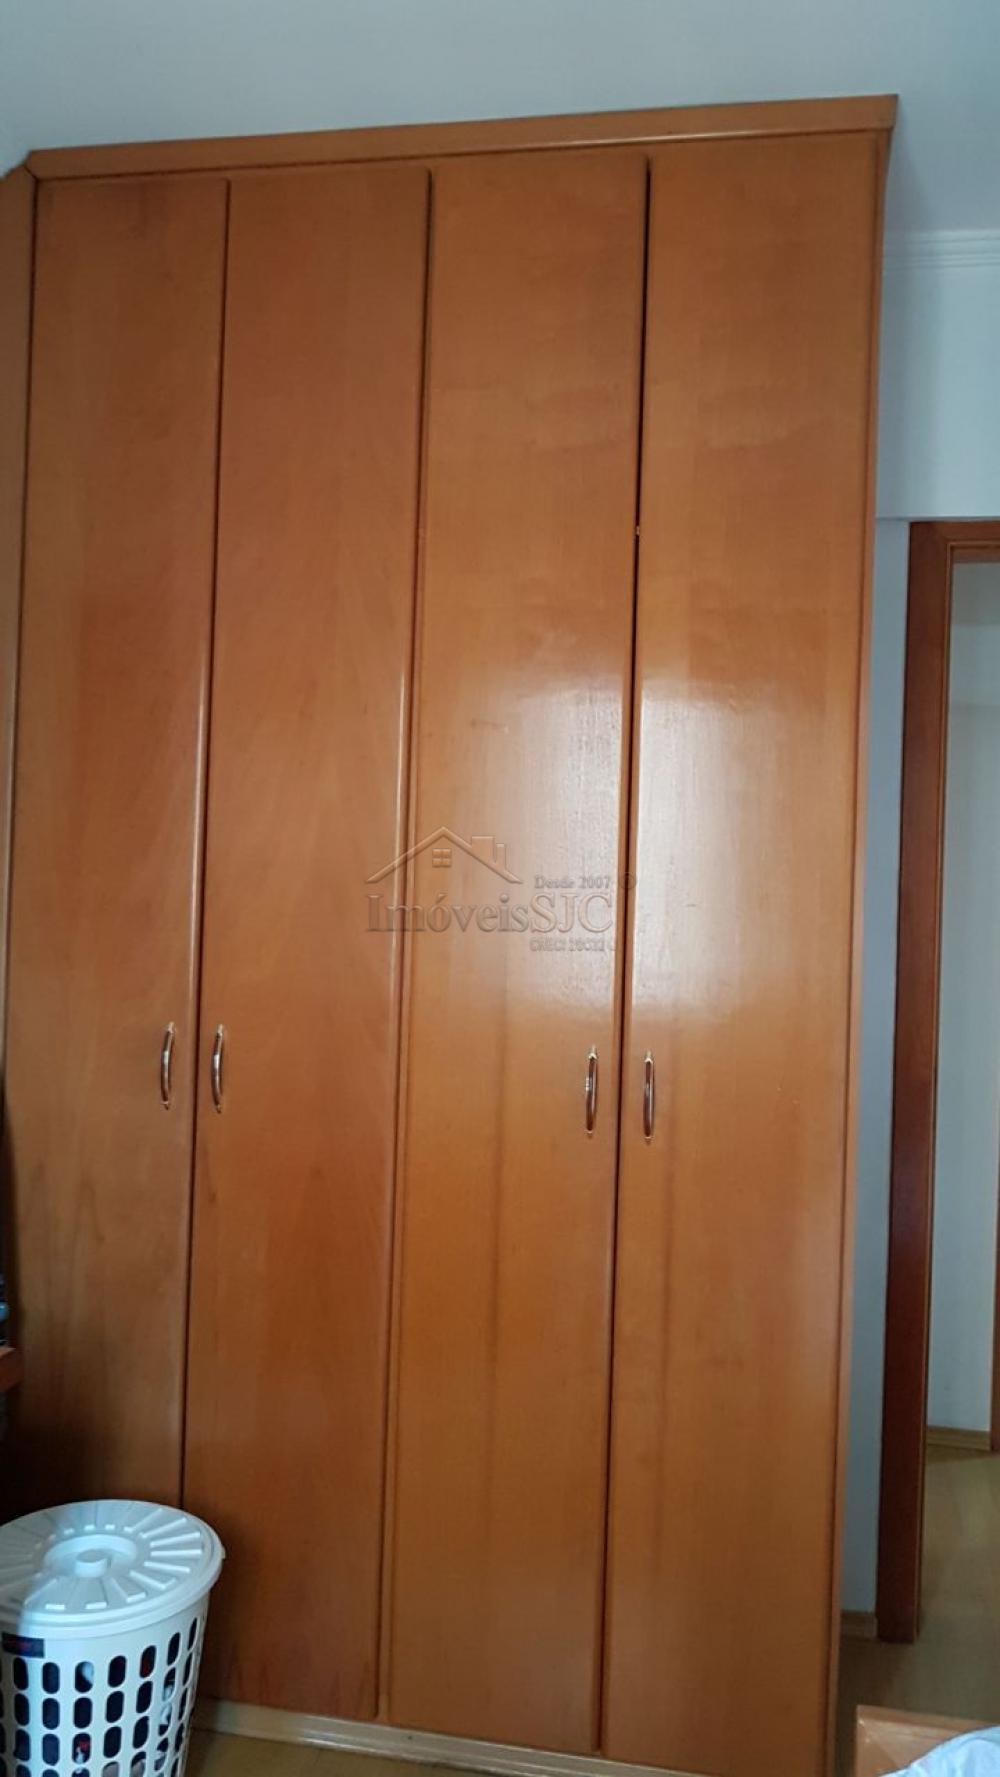 Comprar Apartamentos / Padrão em São José dos Campos apenas R$ 370.000,00 - Foto 10